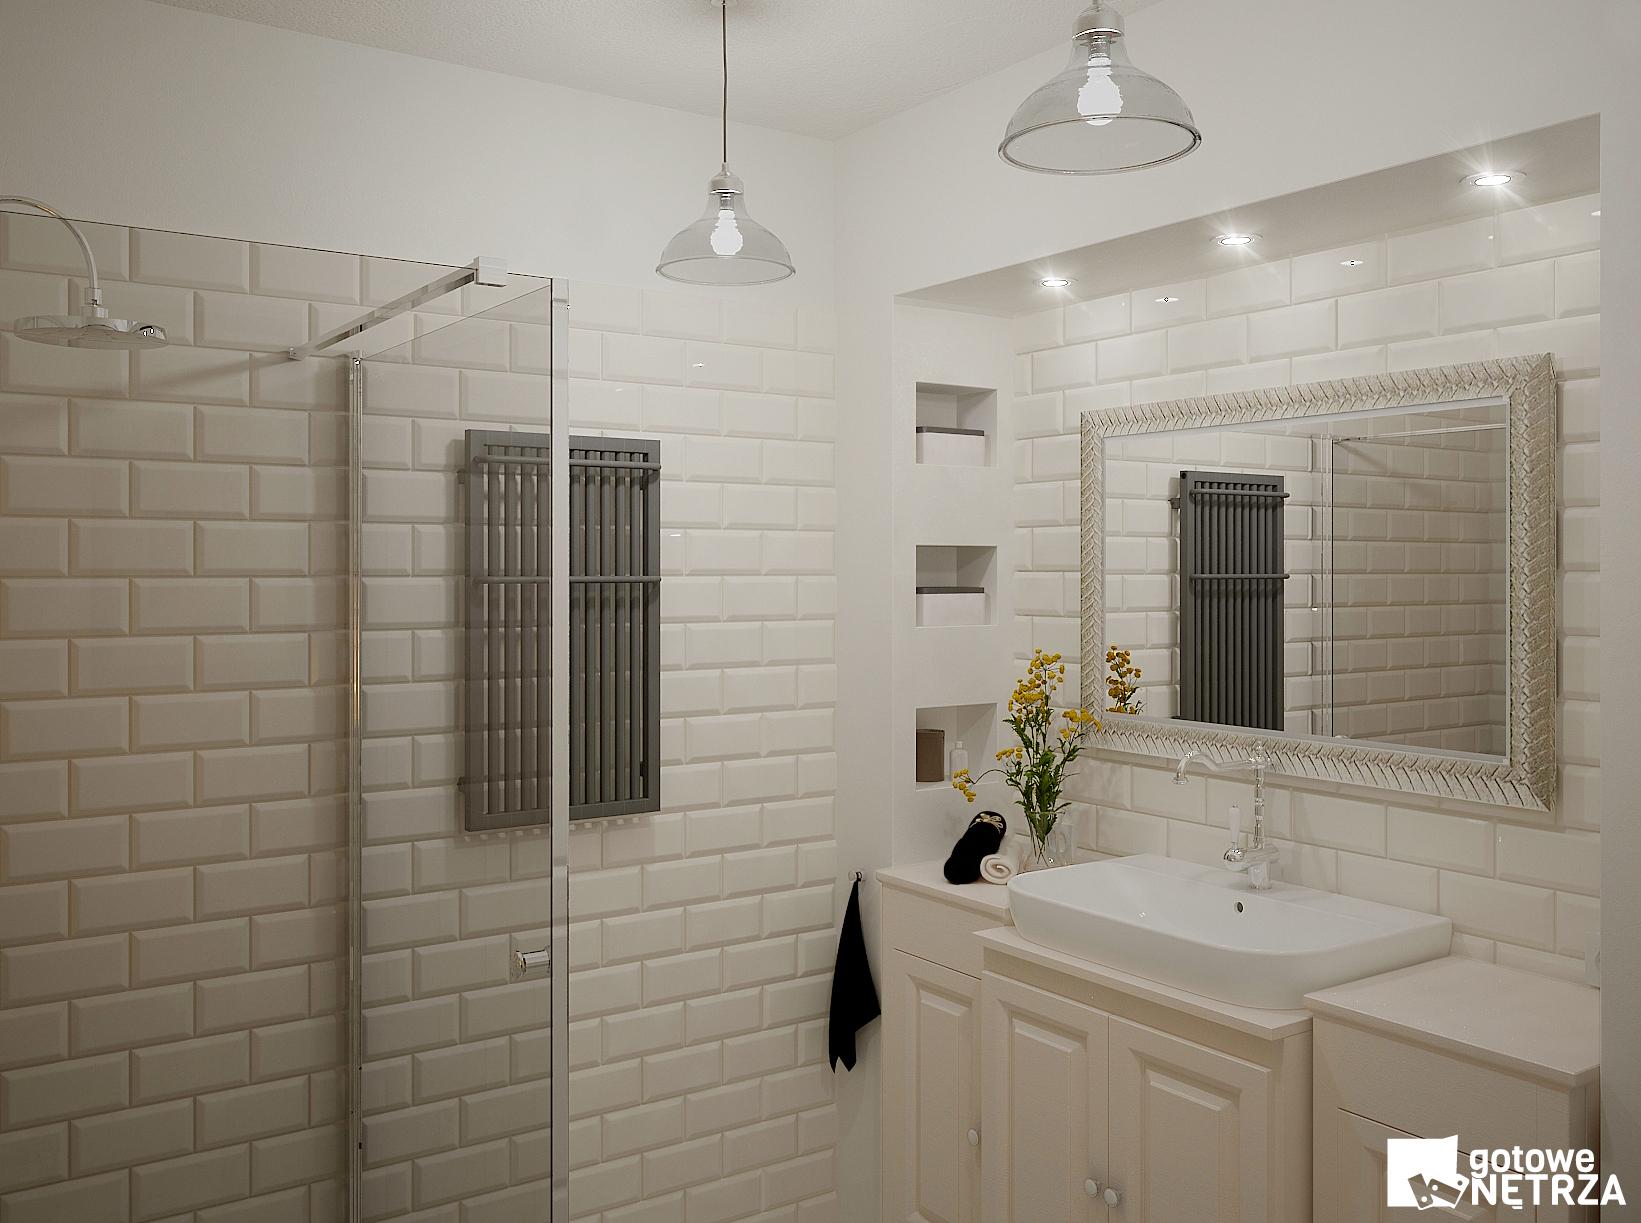 Homedesign Łazienka W Stylu Retro Z Projektem Gratis Gotowe Wnętrza